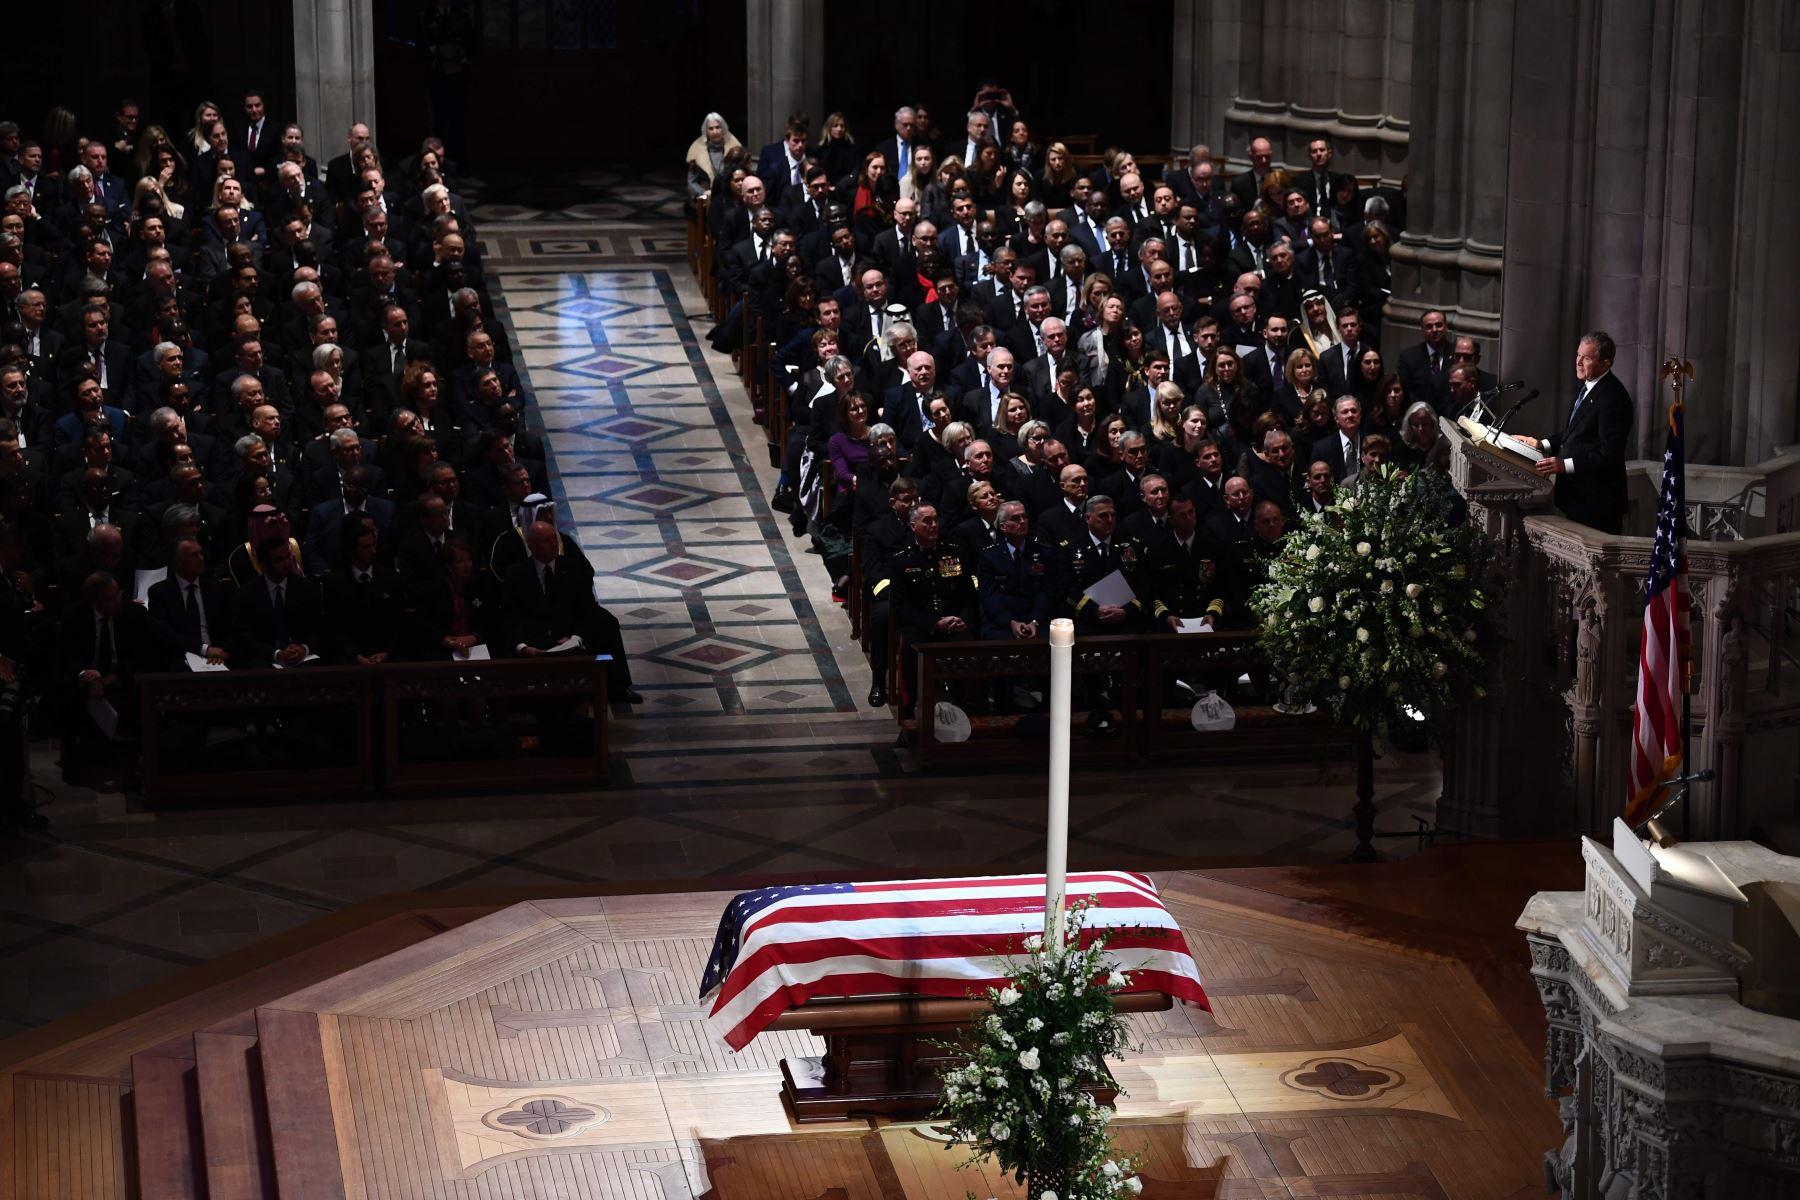 George W. Bush habla durante el funeral de su padre, el ex presidente estadounidense George H. W. Bush en la Catedral Nacional en Washington Foto: AFP